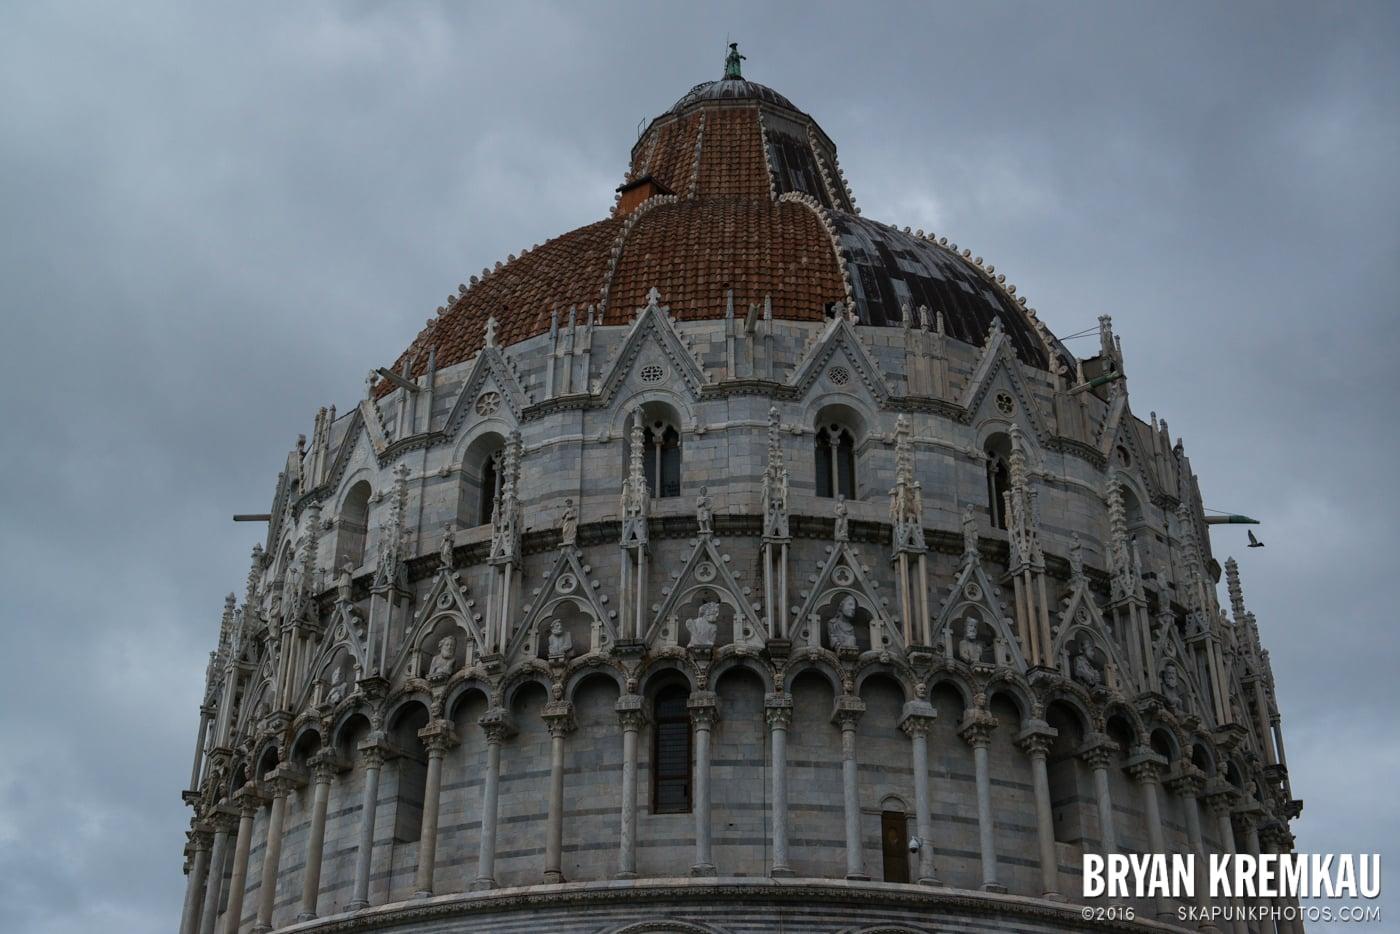 Italy Vacation - Day 8: Siena, San Gimignano, Chianti, Pisa - 9.16.13 (37)